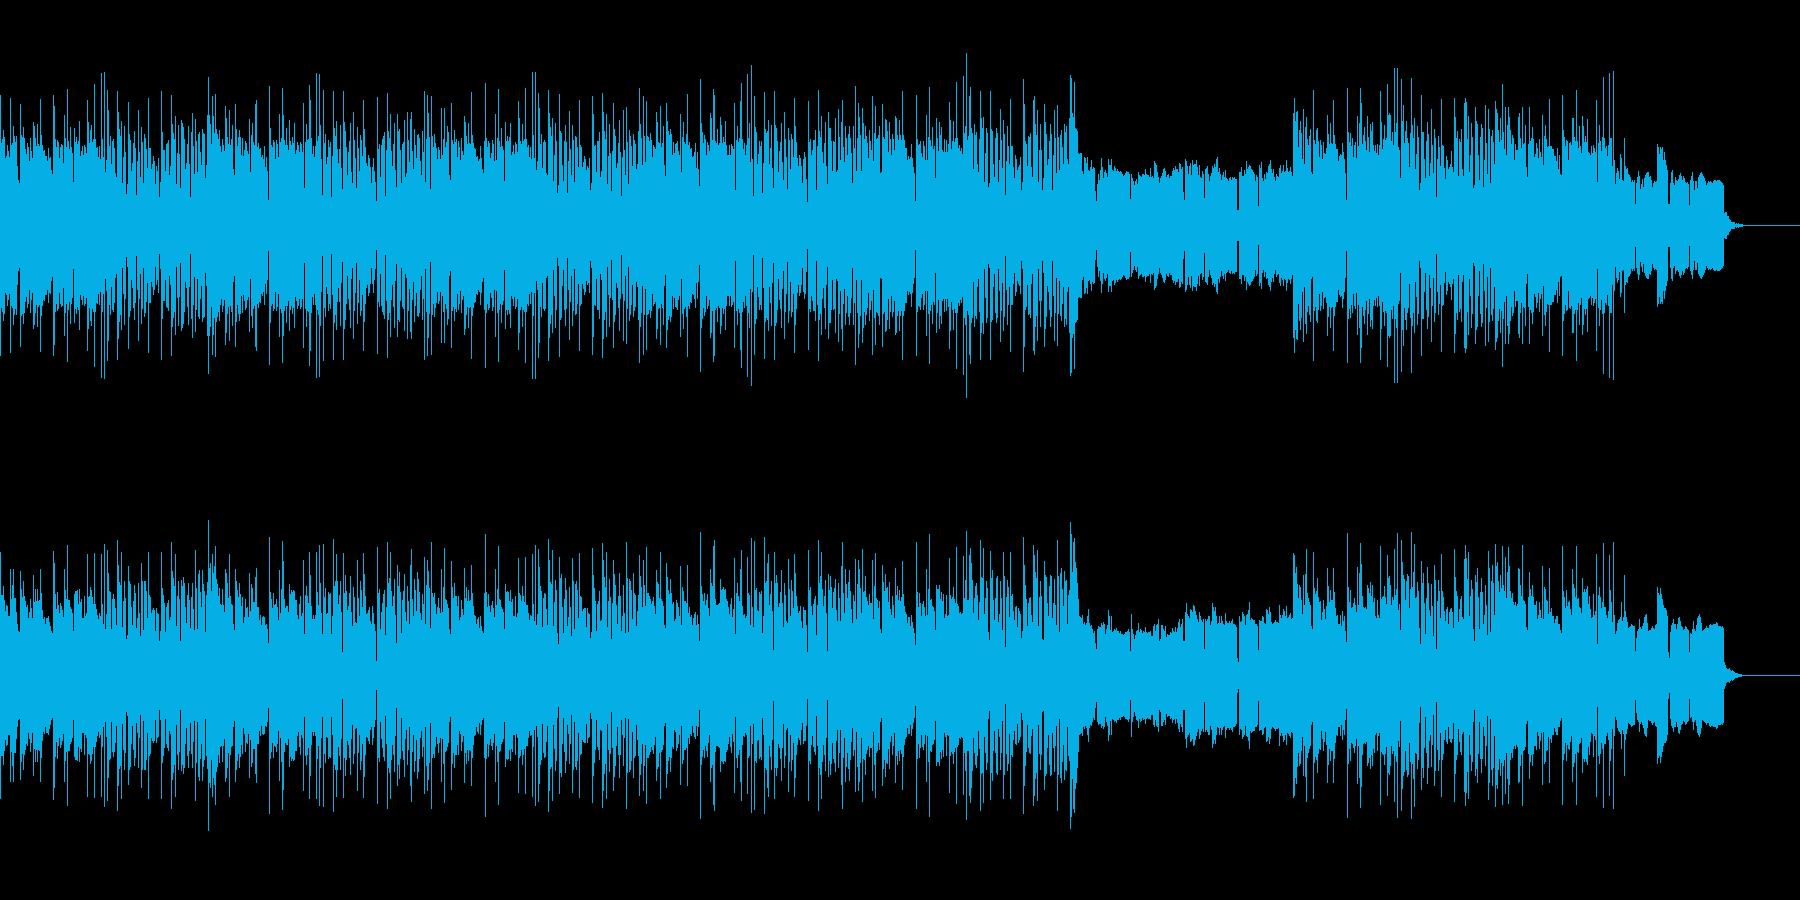 サスペンスダークなハードコアヒップホップの再生済みの波形